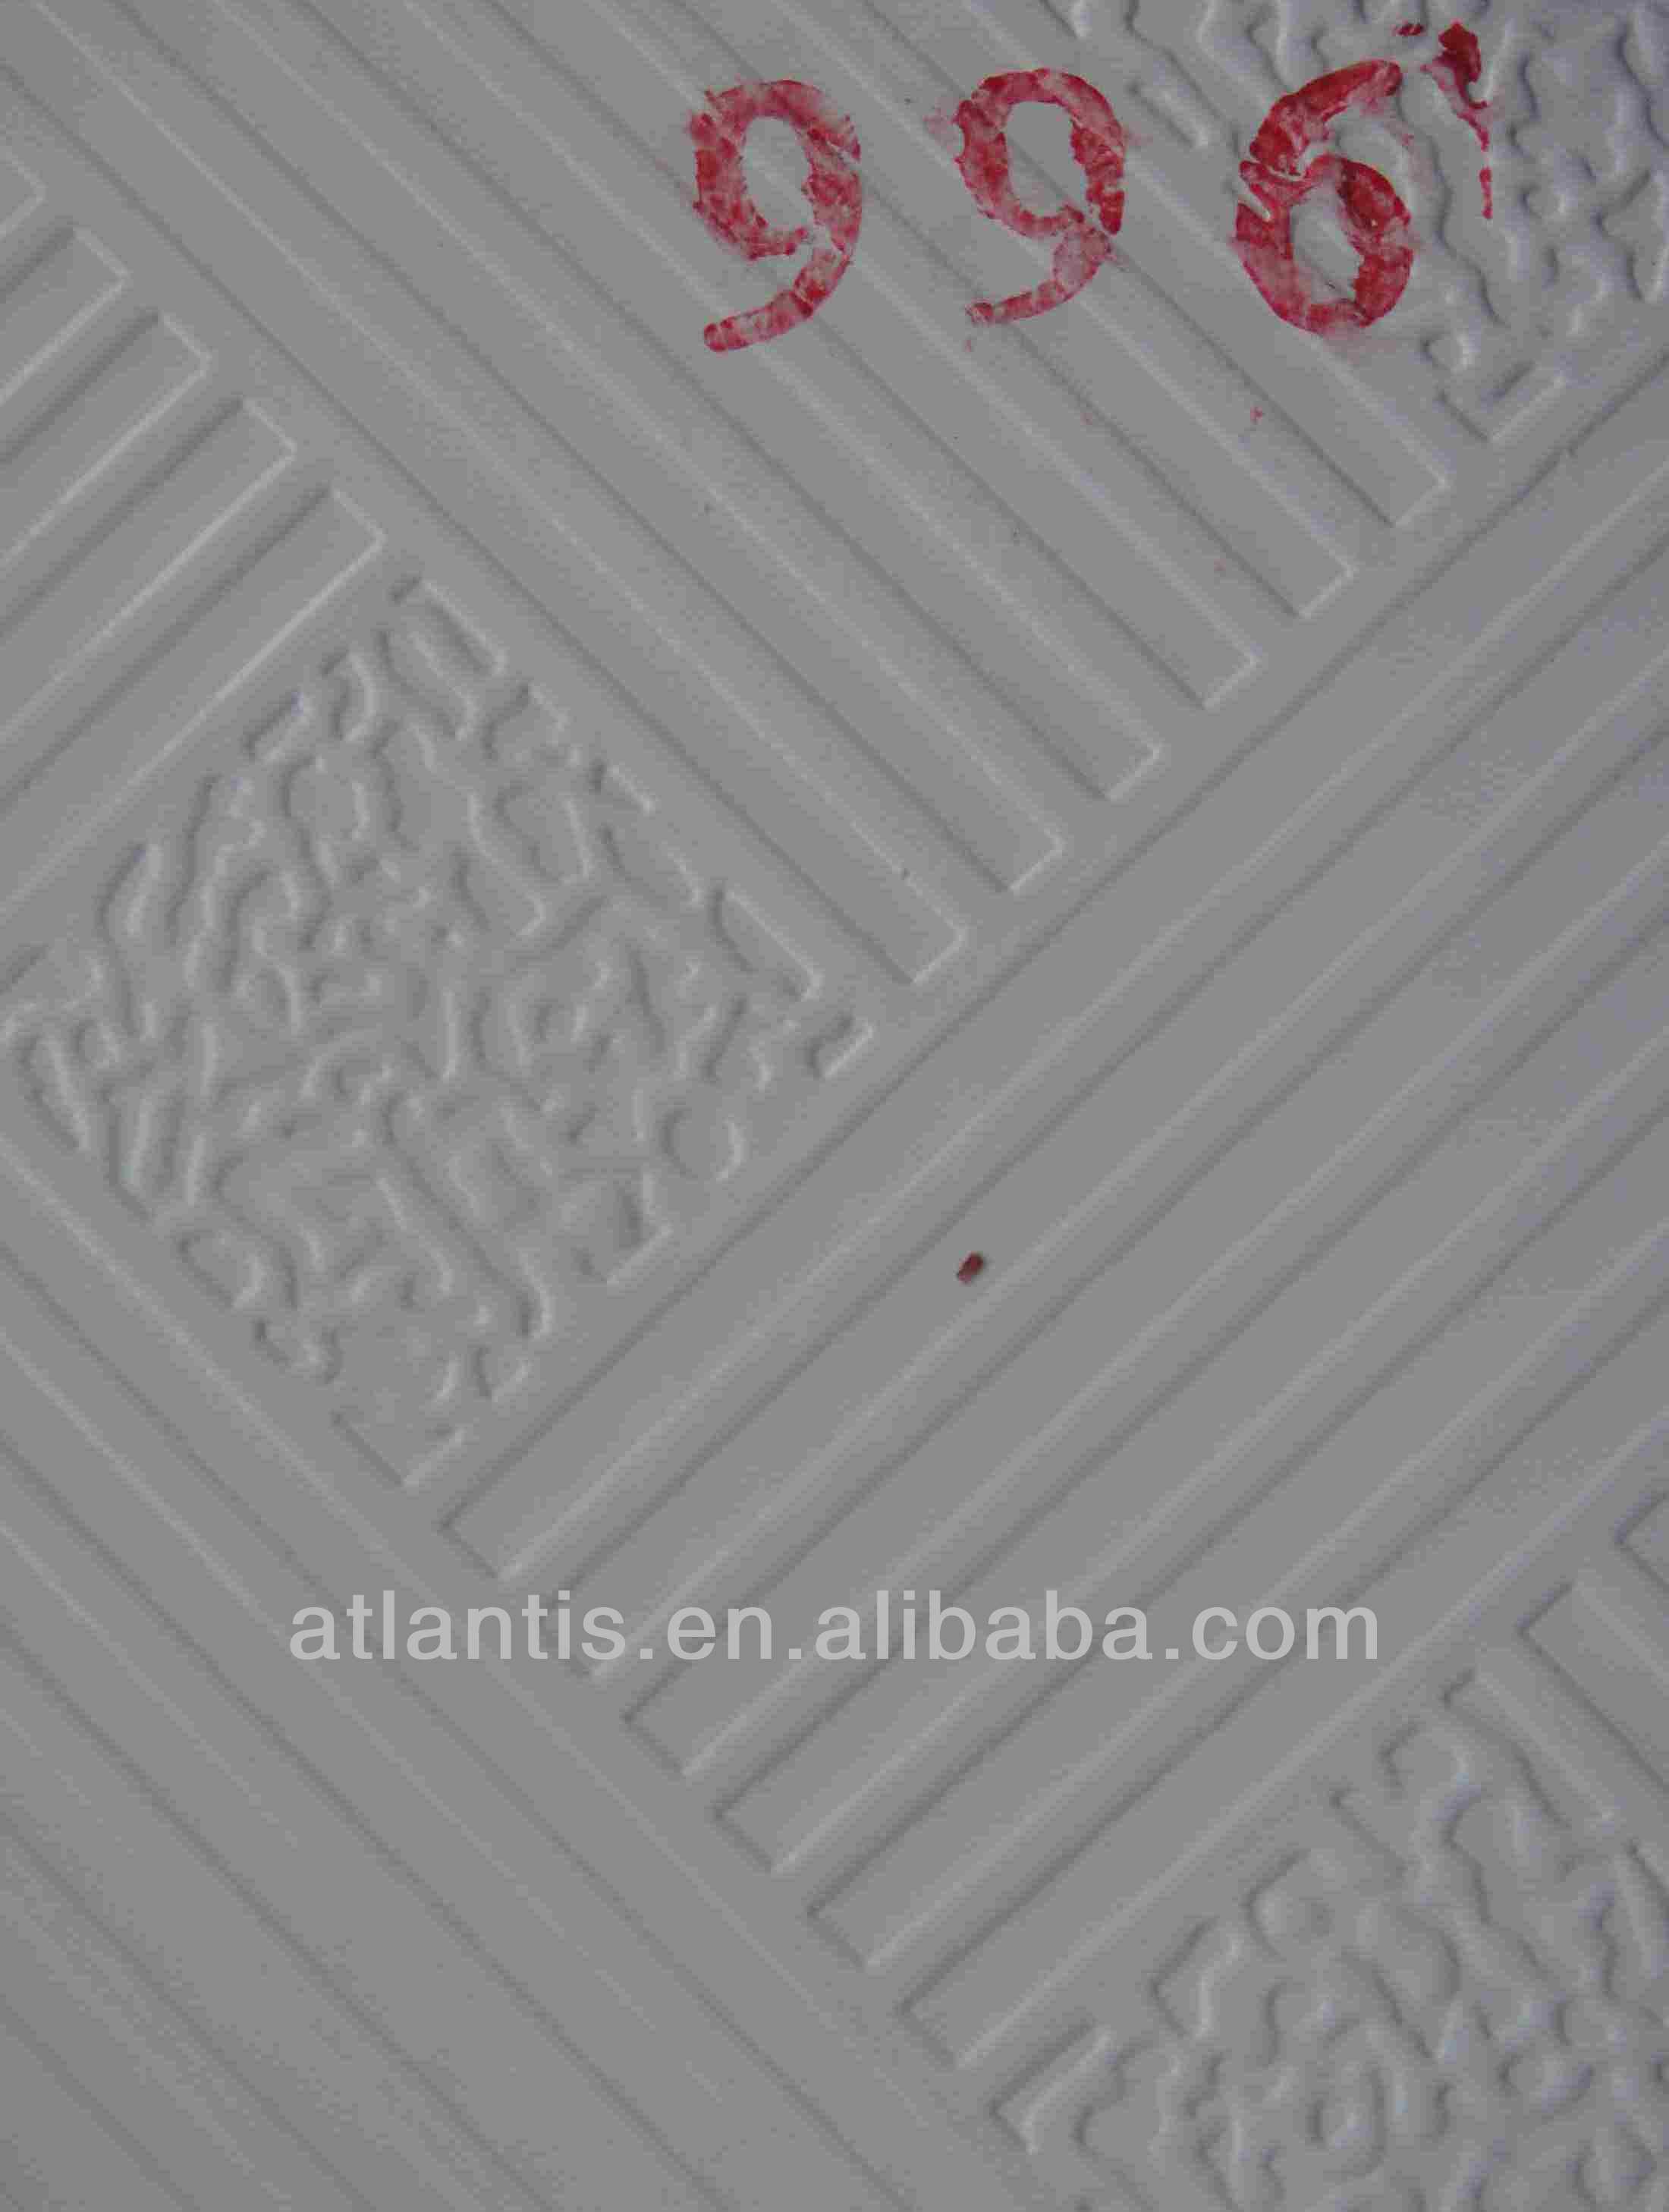 Pvc laminated acoustic gypsum ceiling tile view ceiling atlantis pvc laminated acoustic gypsum ceiling tile doublecrazyfo Gallery